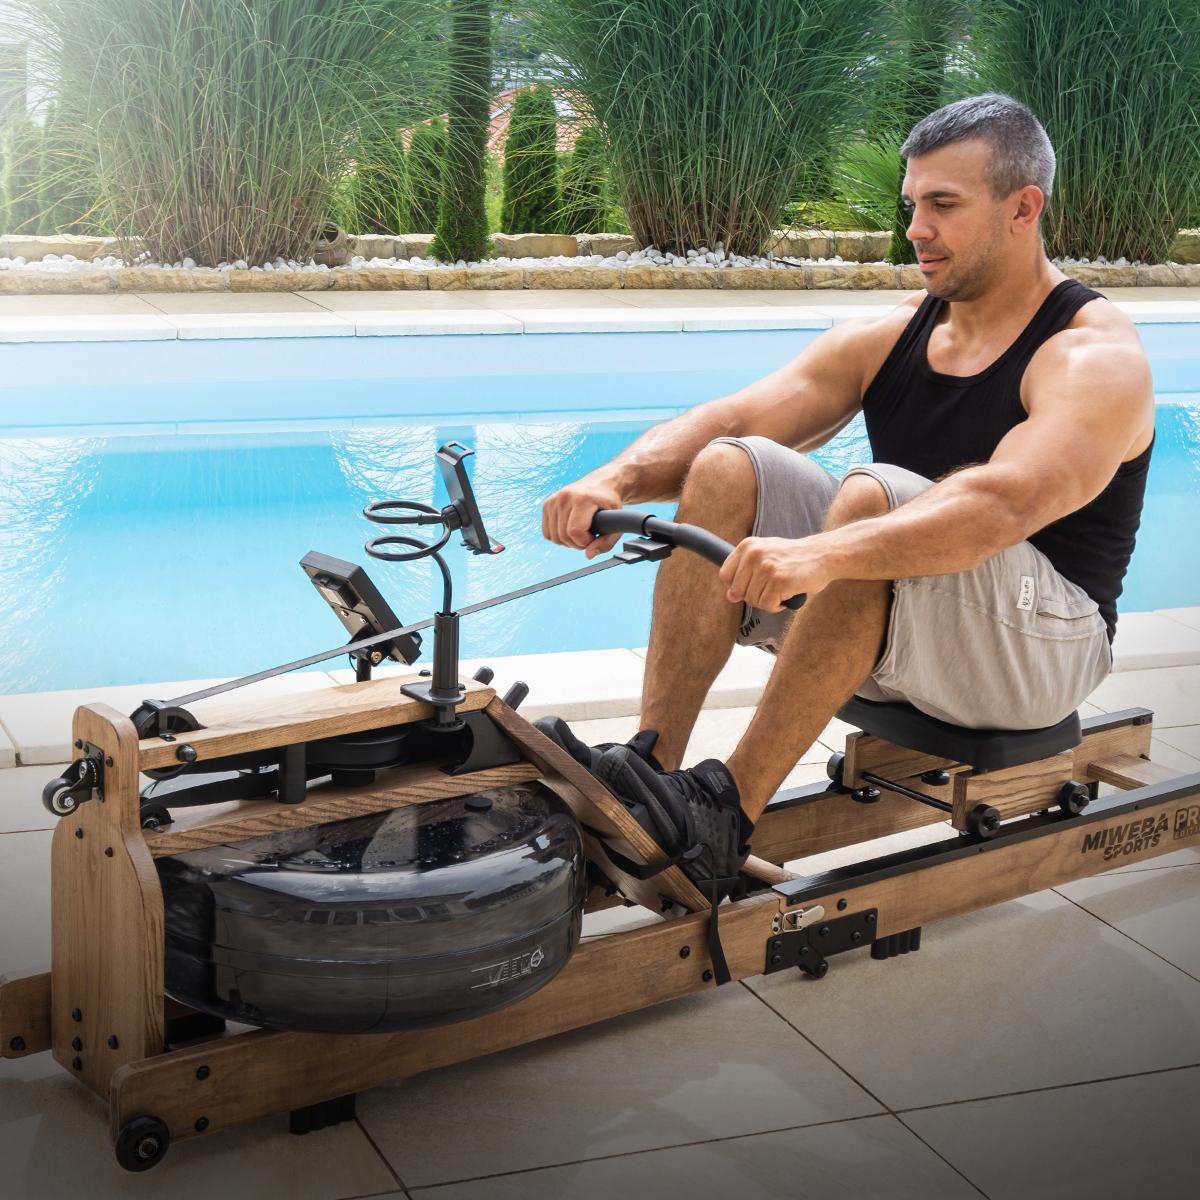 Wysportowany mężczyzna trenuje na maszynie do wiosłowania